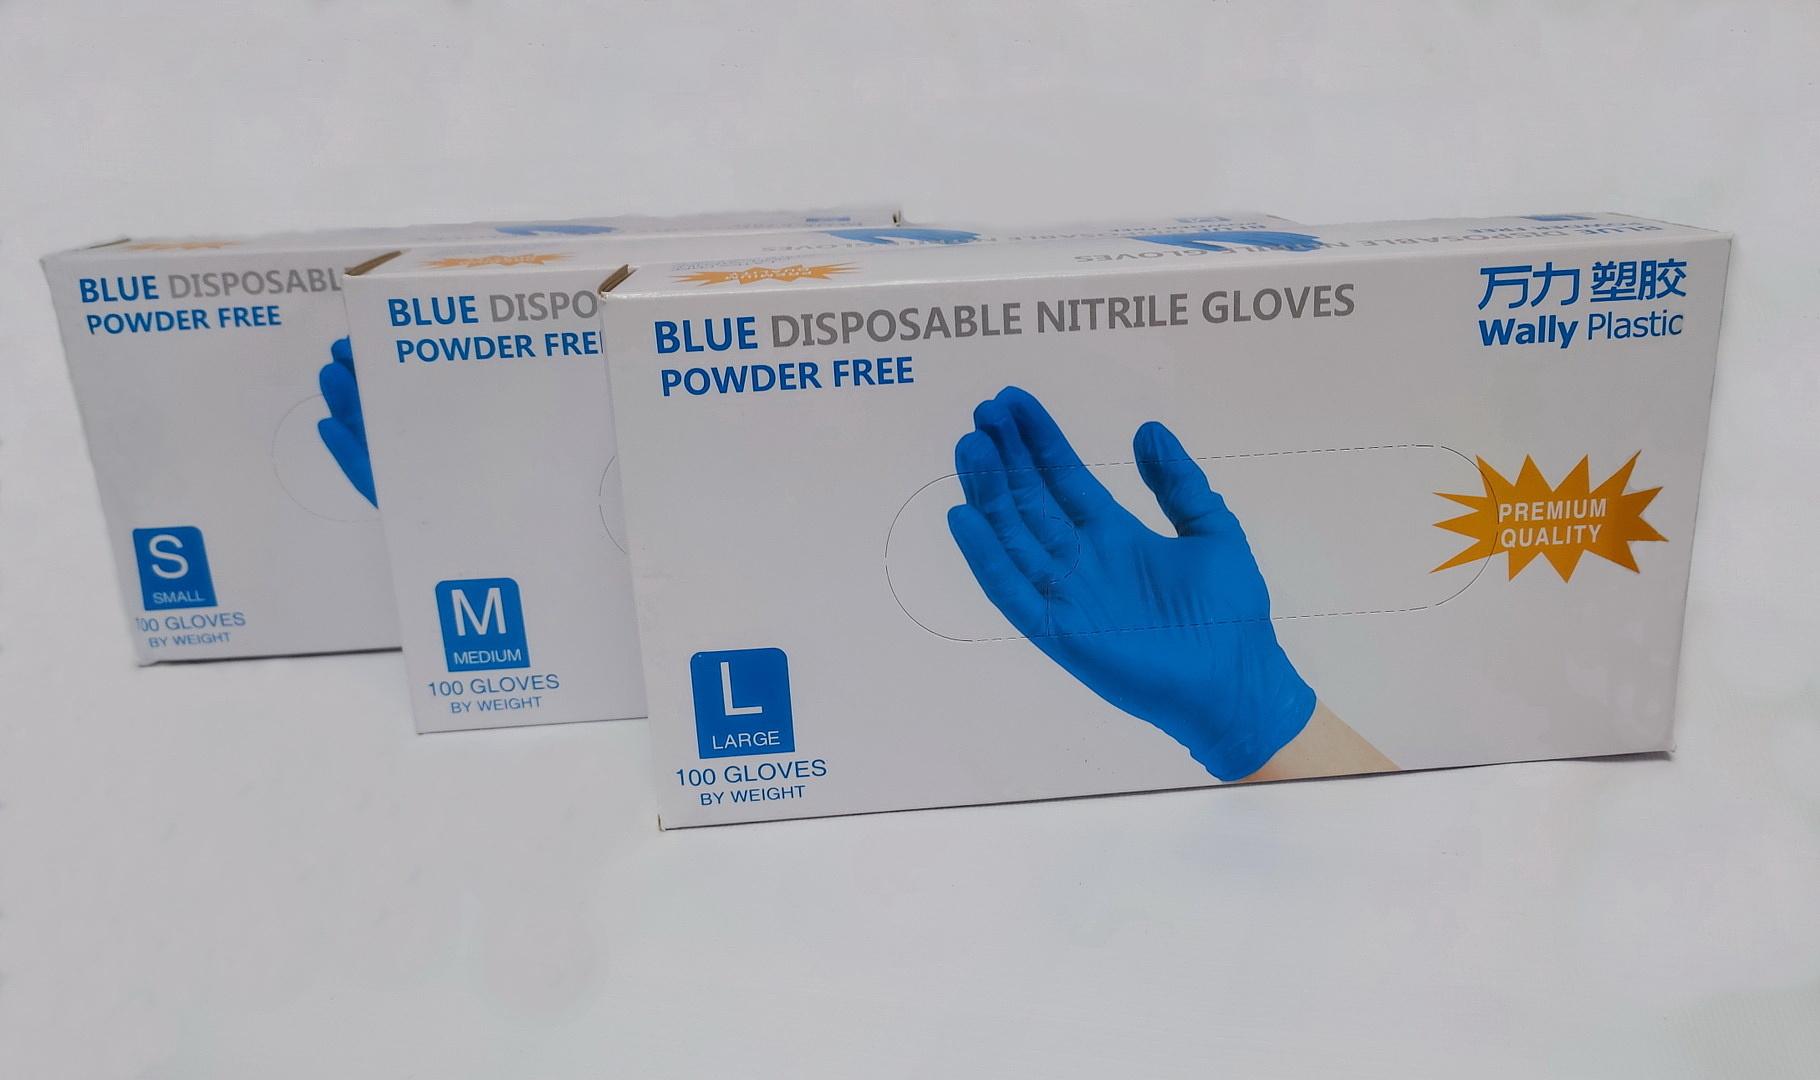 Новинка! Перчатки одноразовые Wally Plastic нитрил 100%, голубые - 100 шт (50 пар), размеры S, M, L — 36 руб/упаковка.